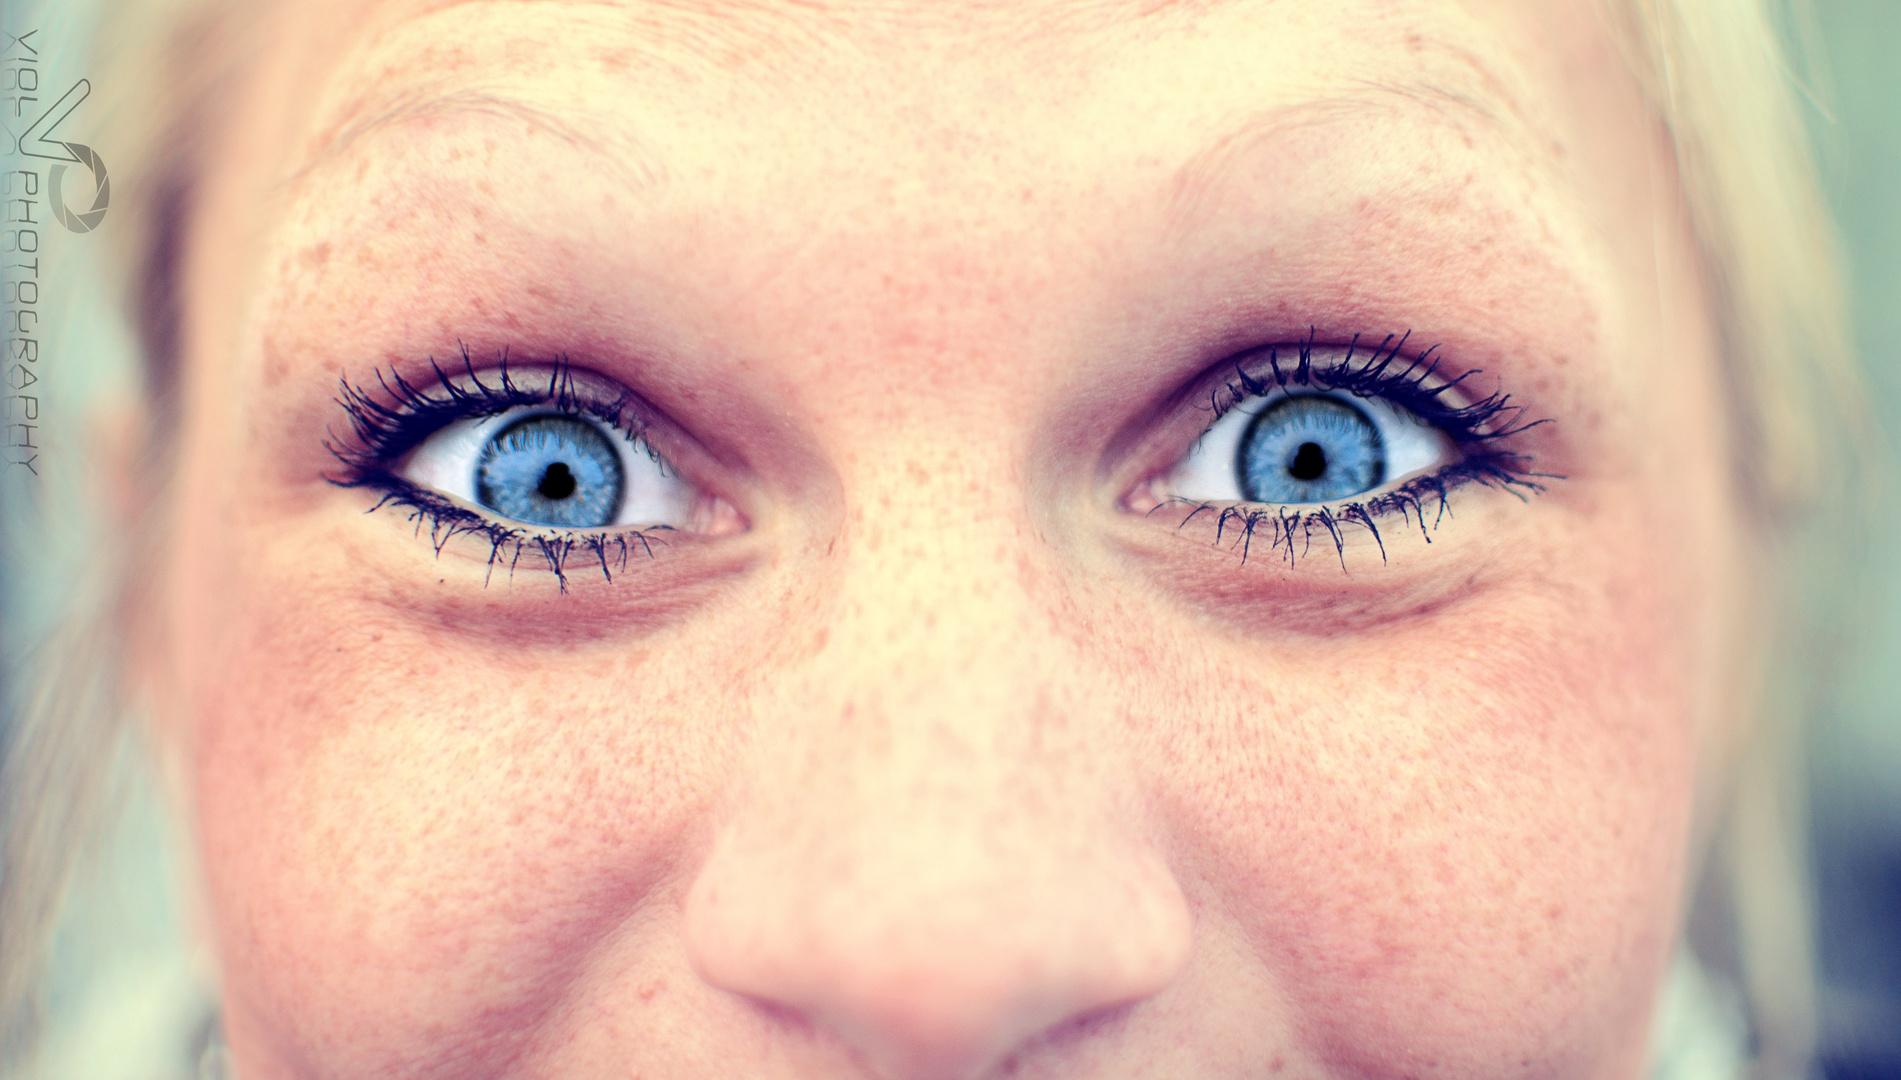 Ihre Augen verzaubern mich immer wieder